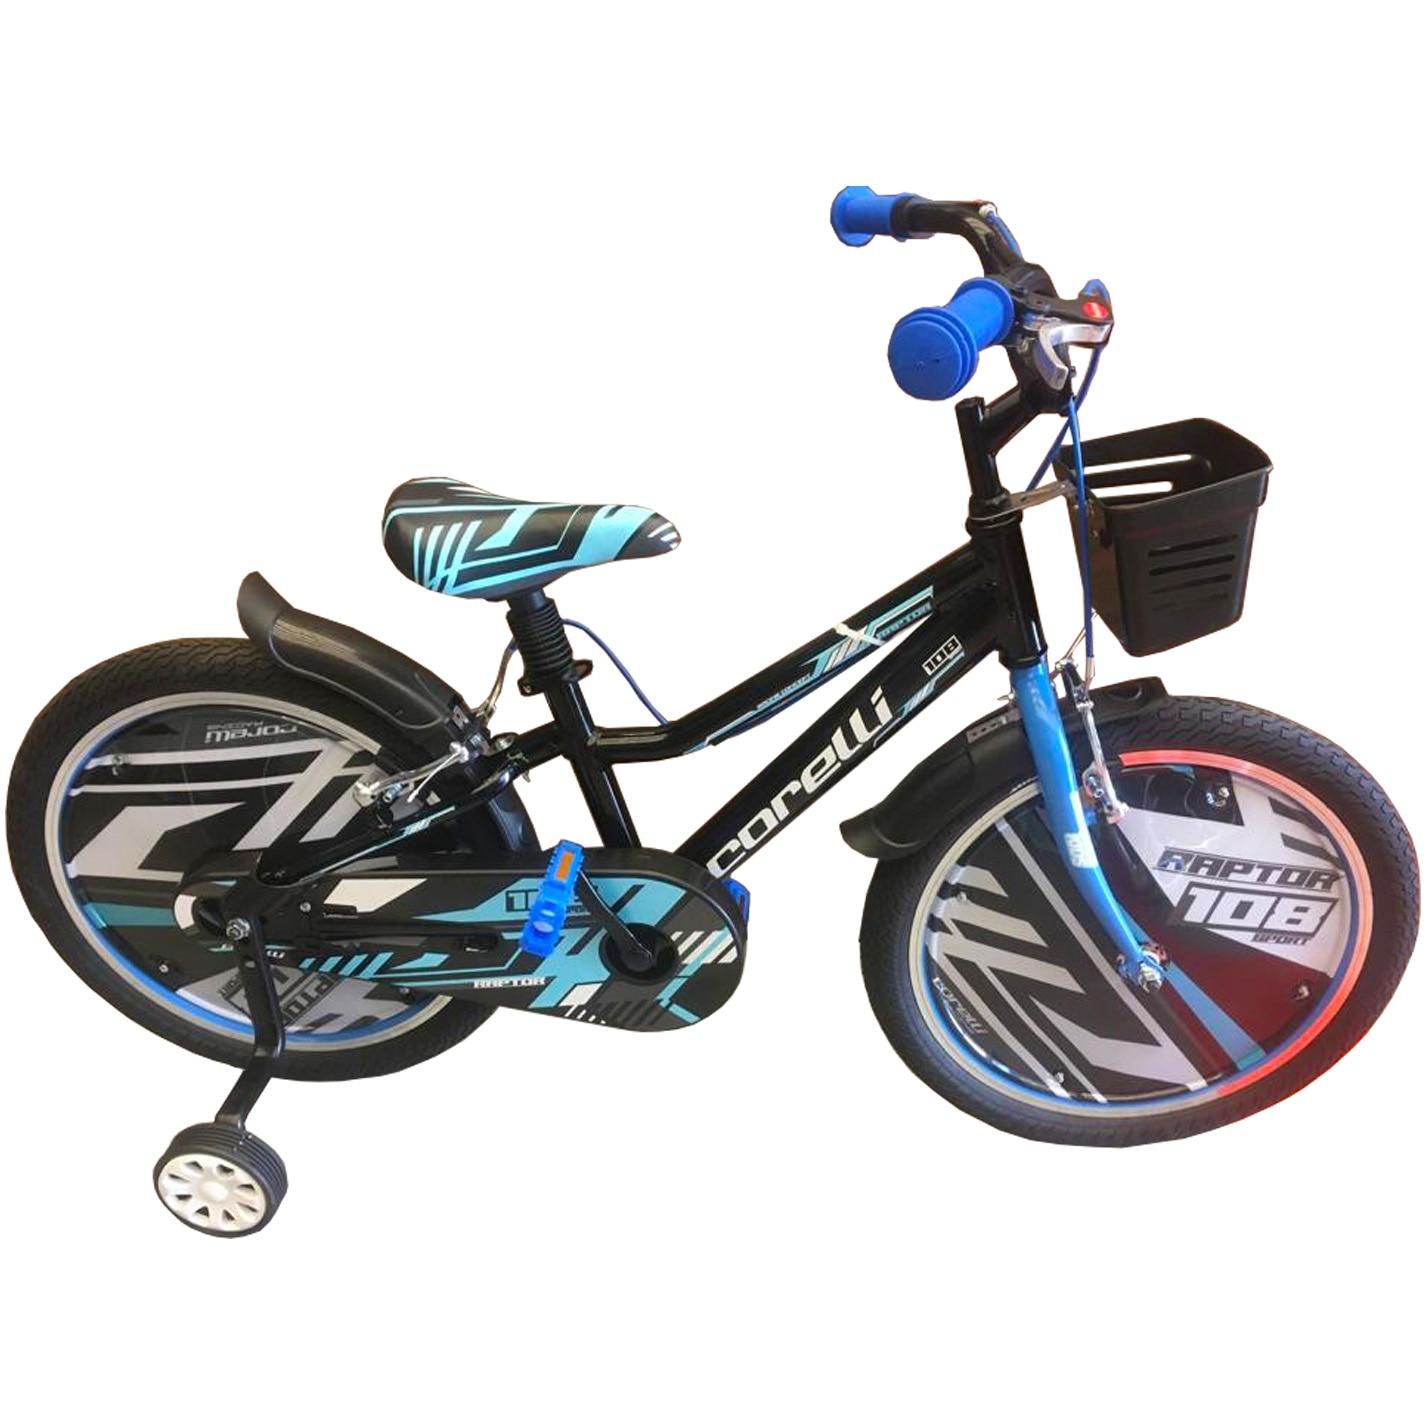 """Fotografie Bicicleta copii Corelli Raptor 20"""", single-speed, culoare negru-albastru, accesorii incluse"""